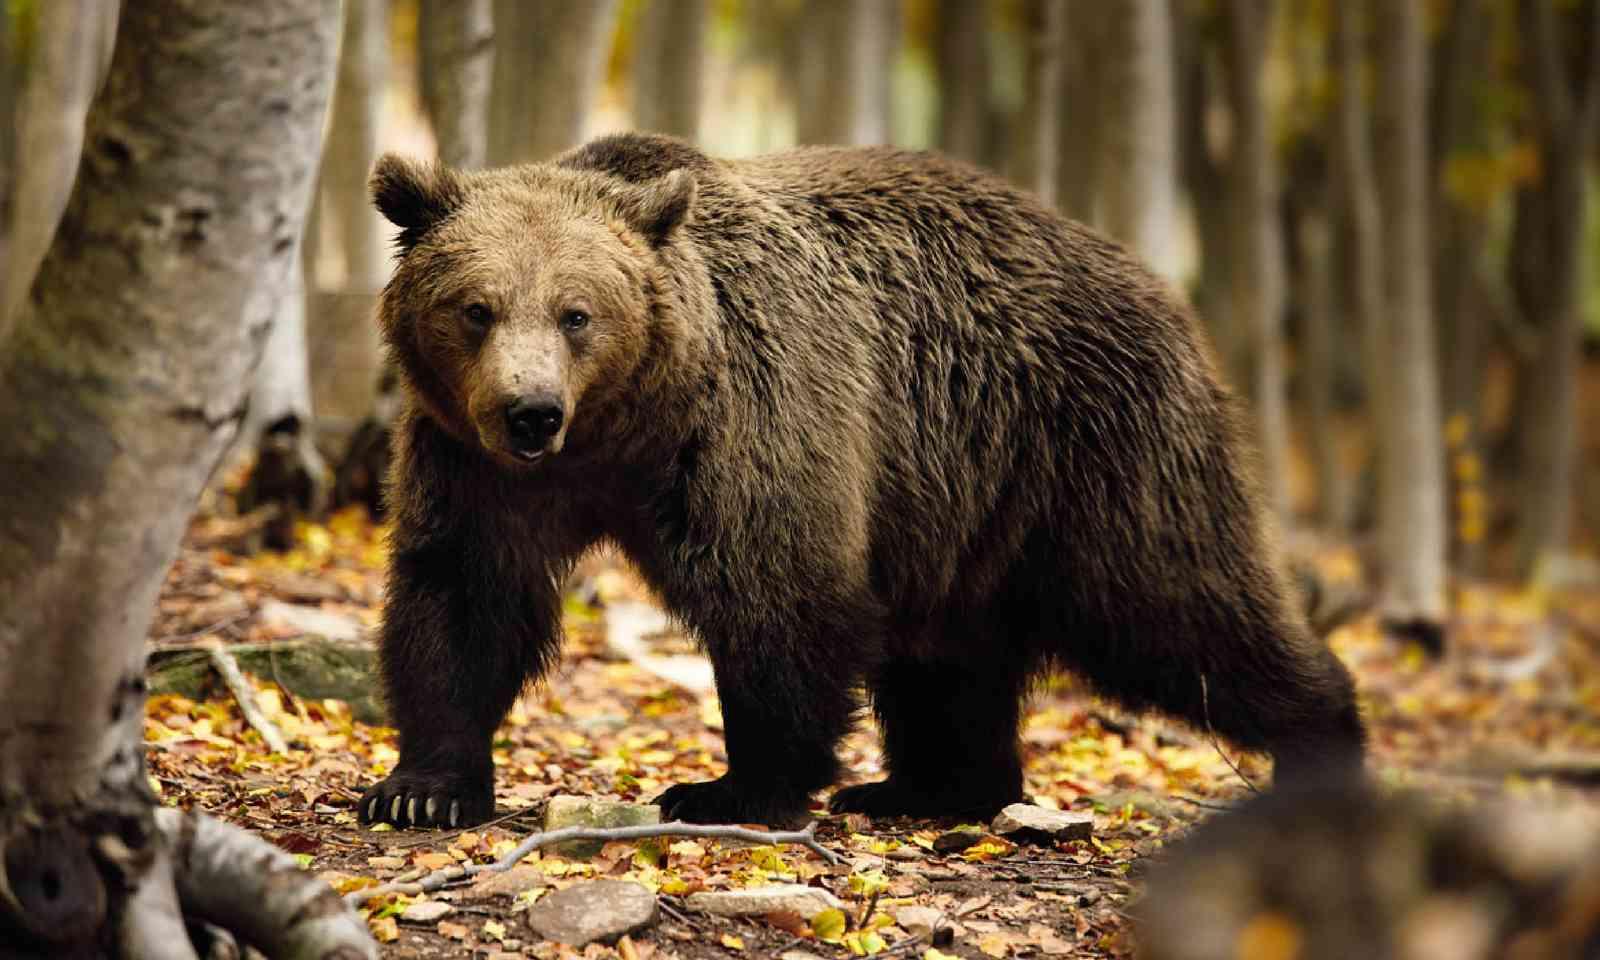 Bear at Arcturos sanctuary (Nikos Kanellopoulos / Arcturos)